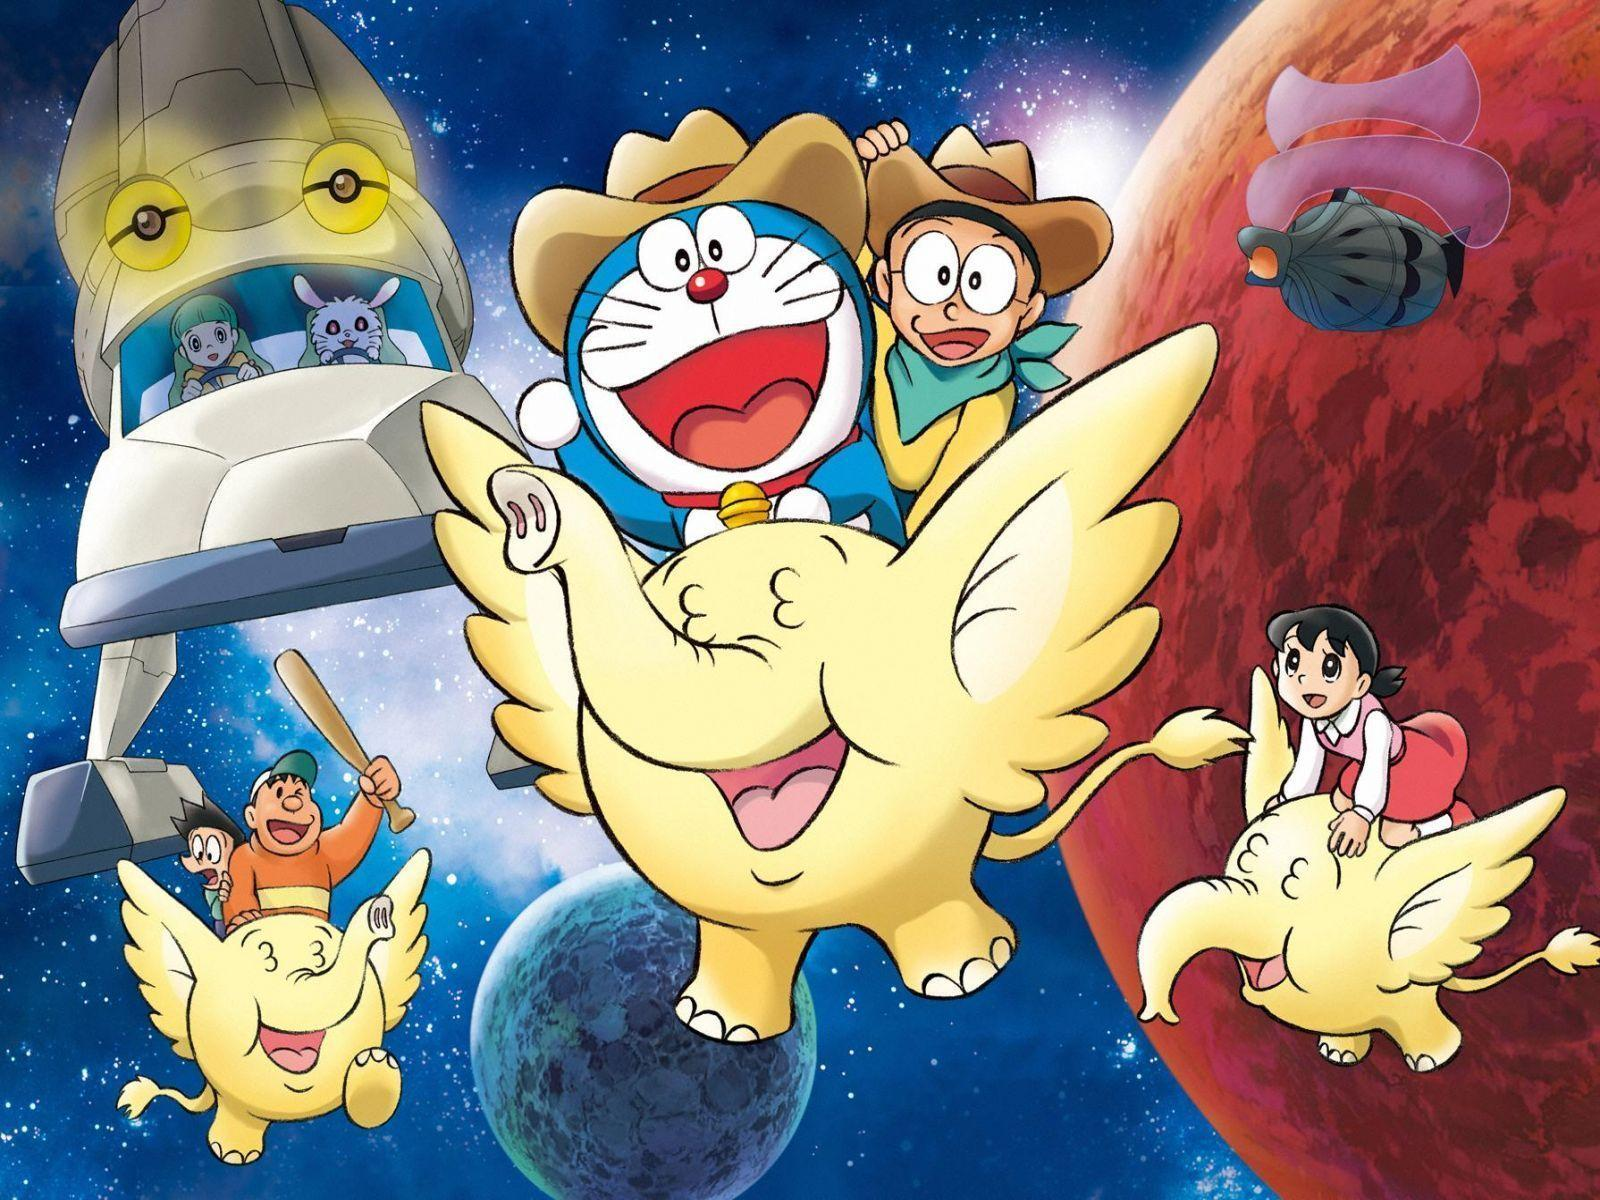 Cute Doraemon Cartoon Full HD | ardiwallpaper.